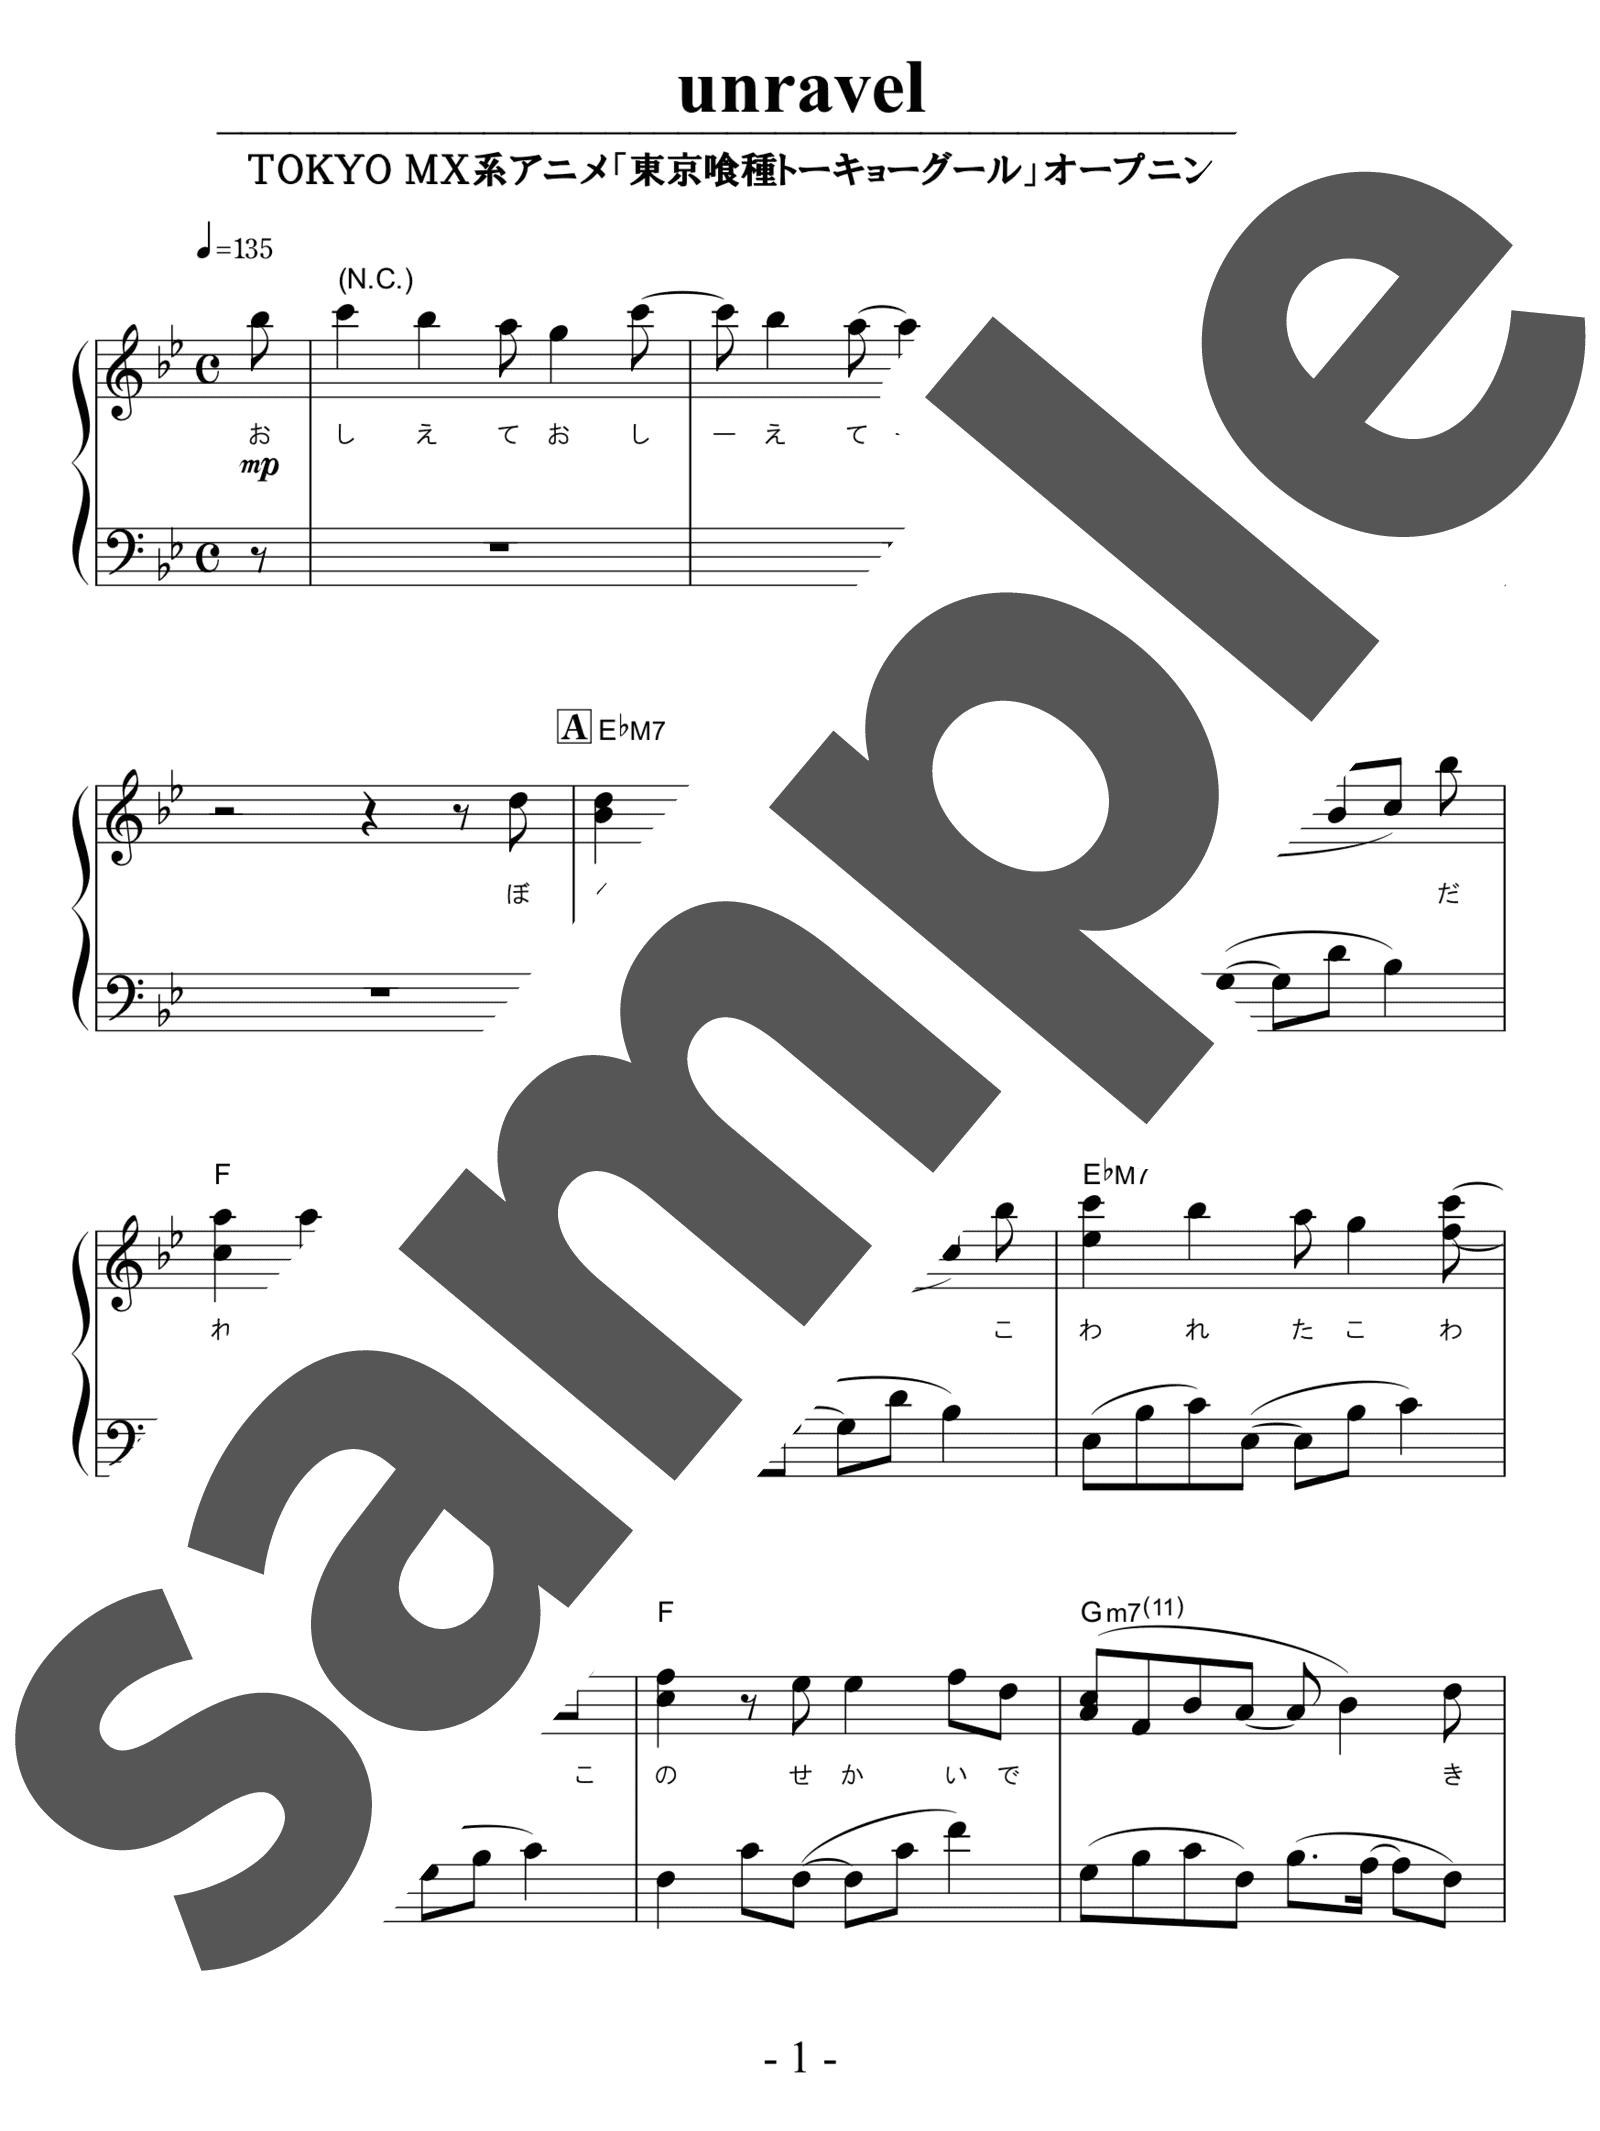 「unravel」のサンプル楽譜